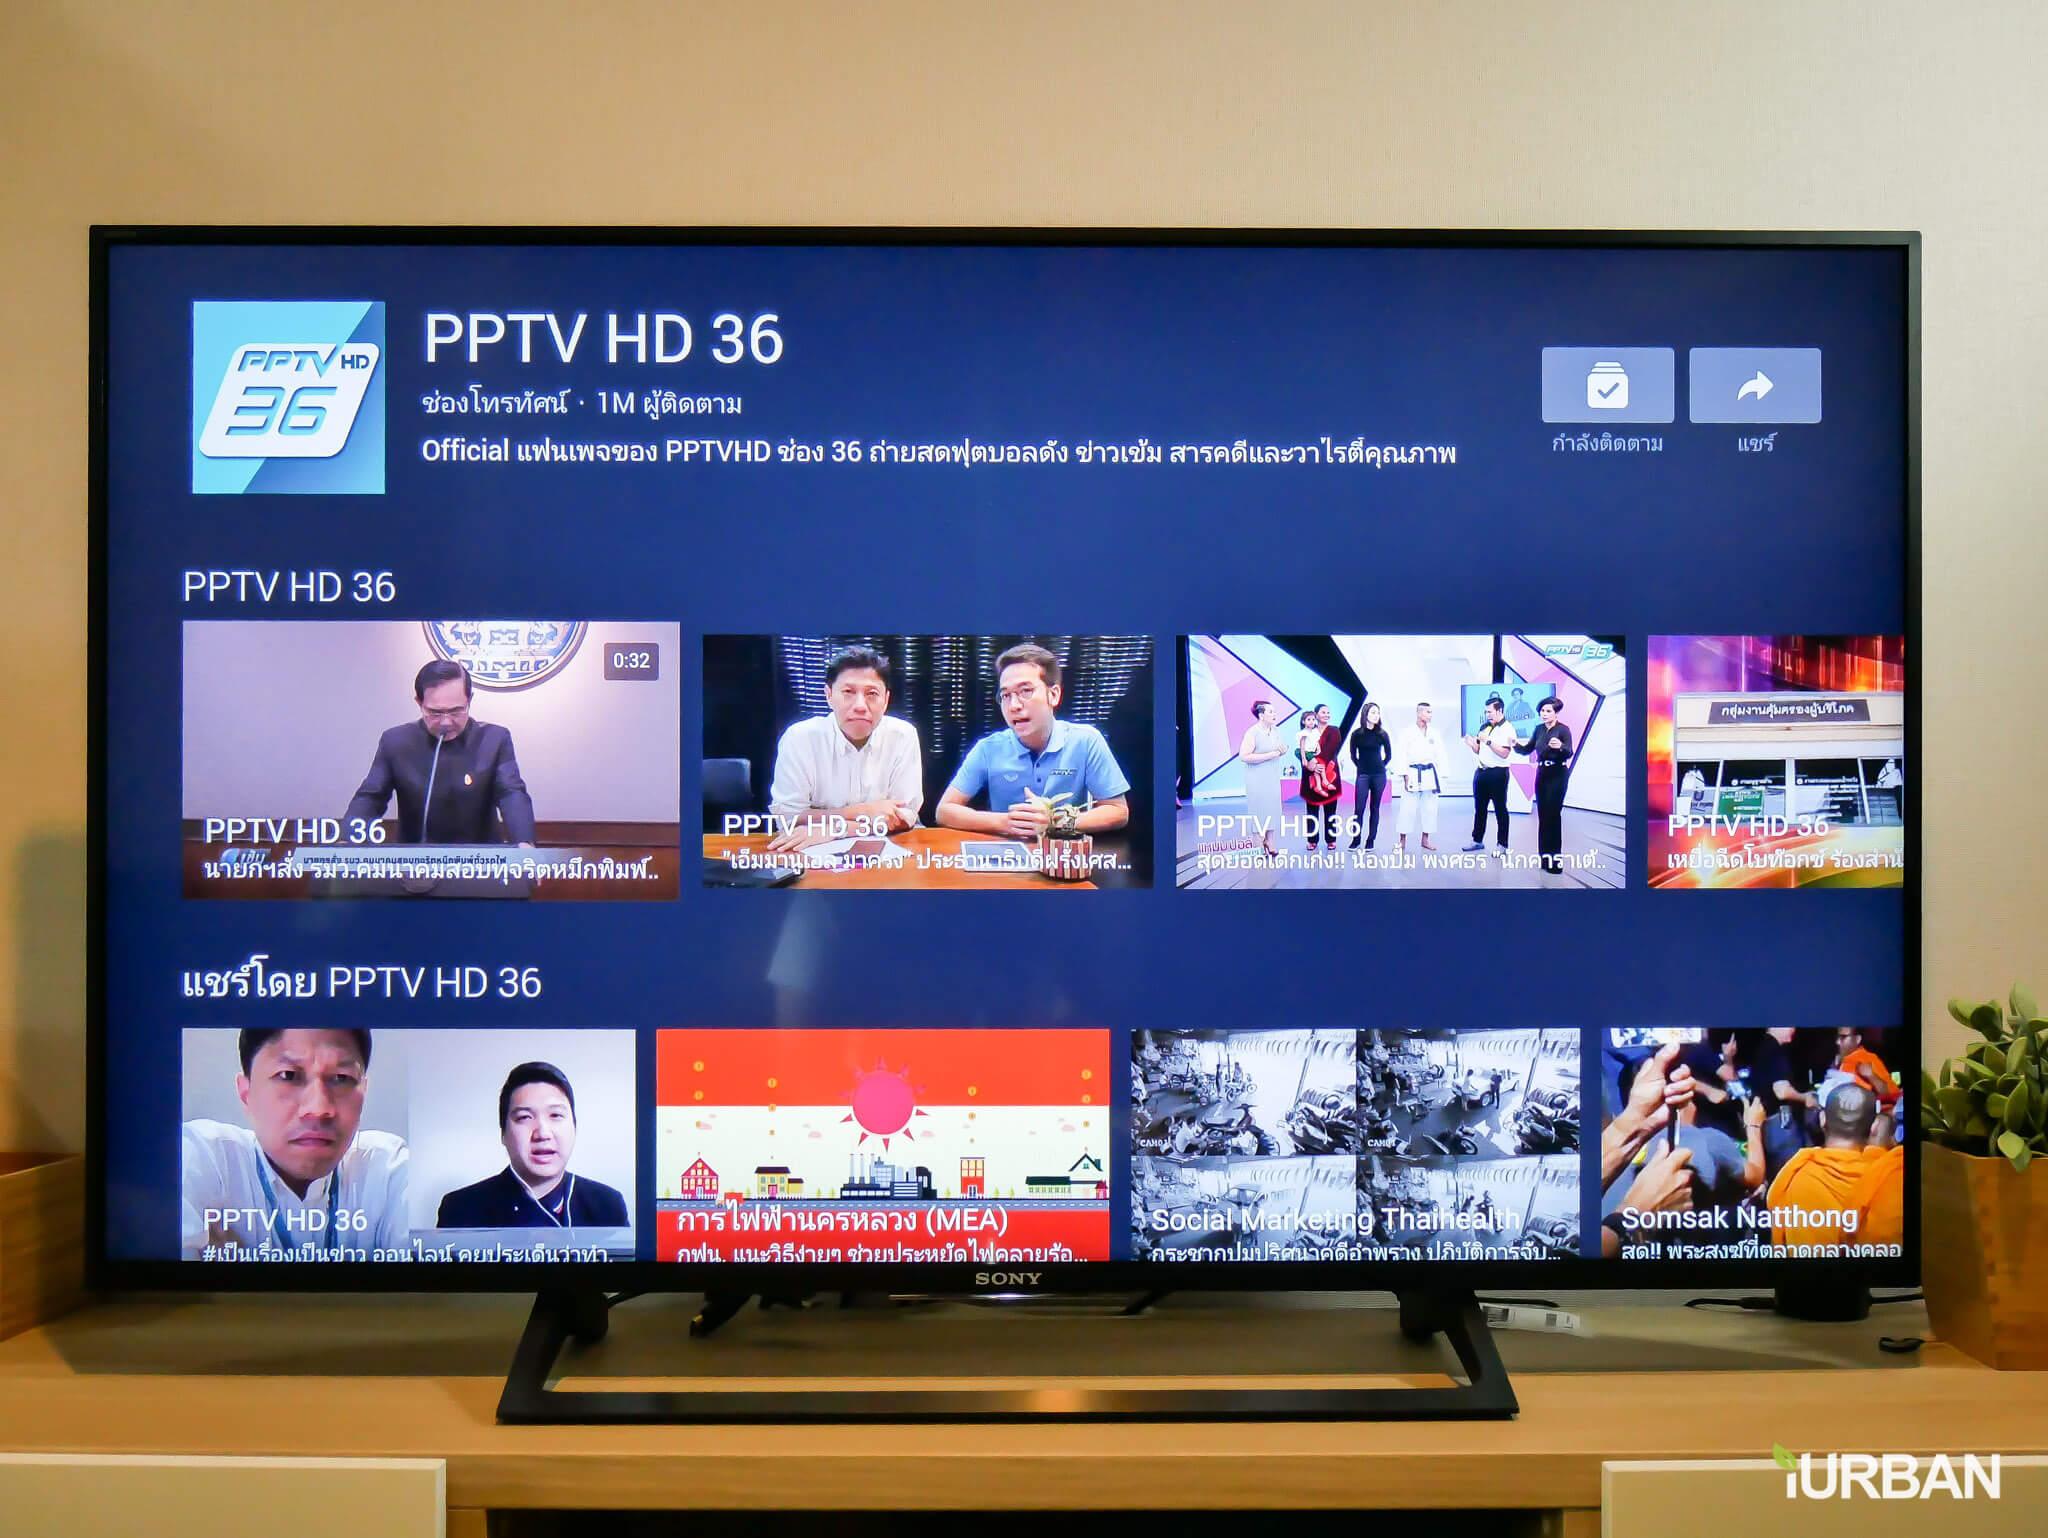 รีวิว SONY Android TV รุ่น X8000E งบ 26,990 แต่สเปค 4K HDR เชื่อมโลก Social กับทีวีอย่างสมบูรณ์แบบ 67 - Android